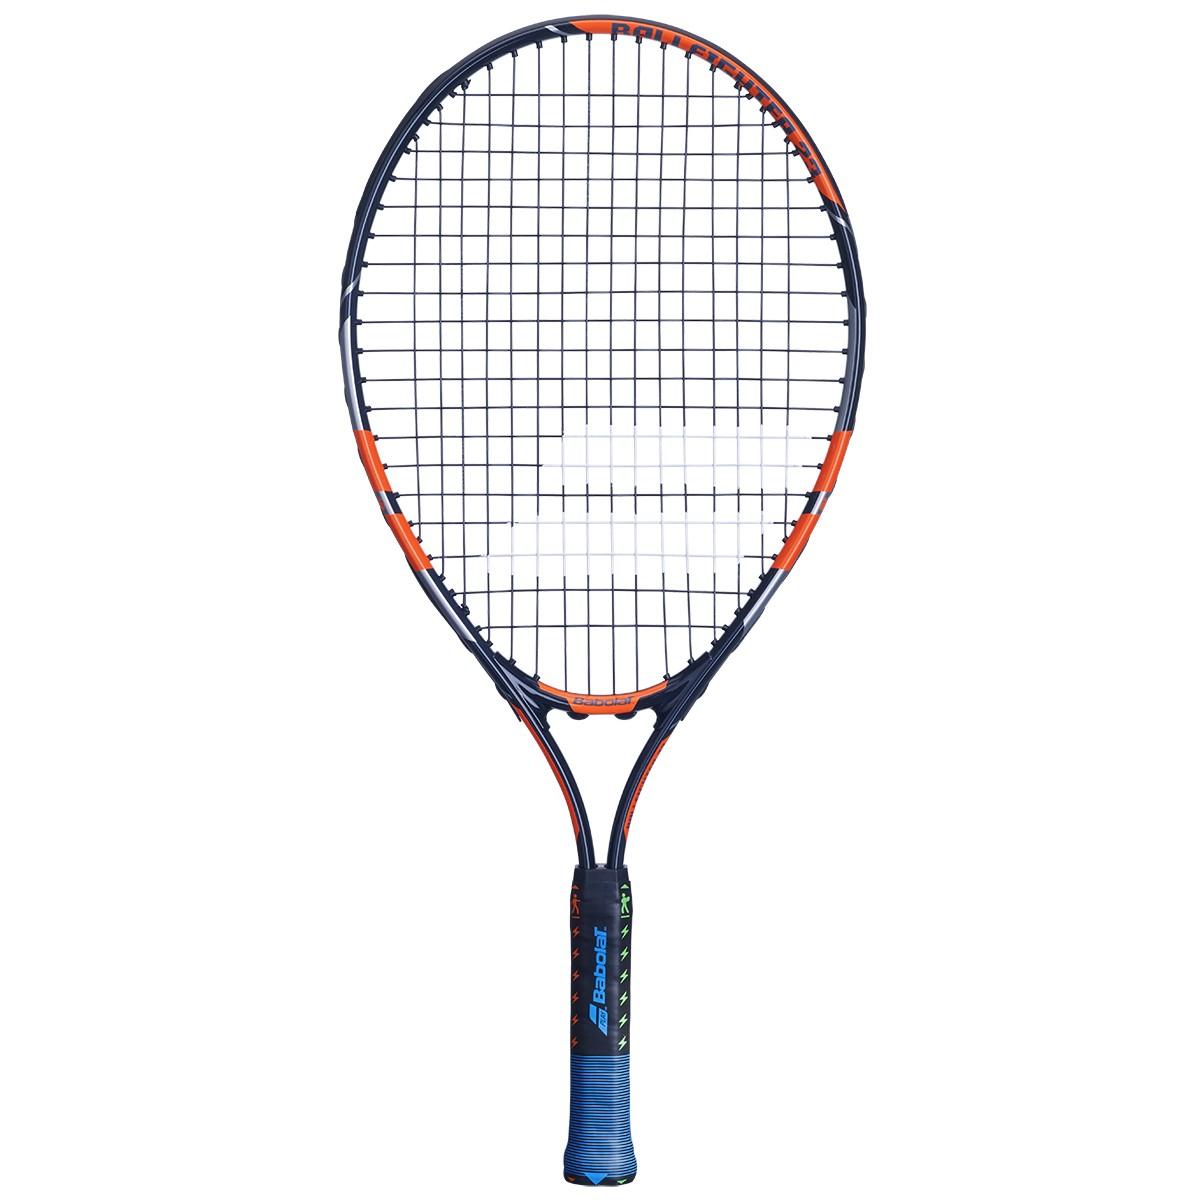 Raquete de Tenis Babolat Ballfighter 23 Preto/Laranja - Encordoada  - REAL ESPORTE